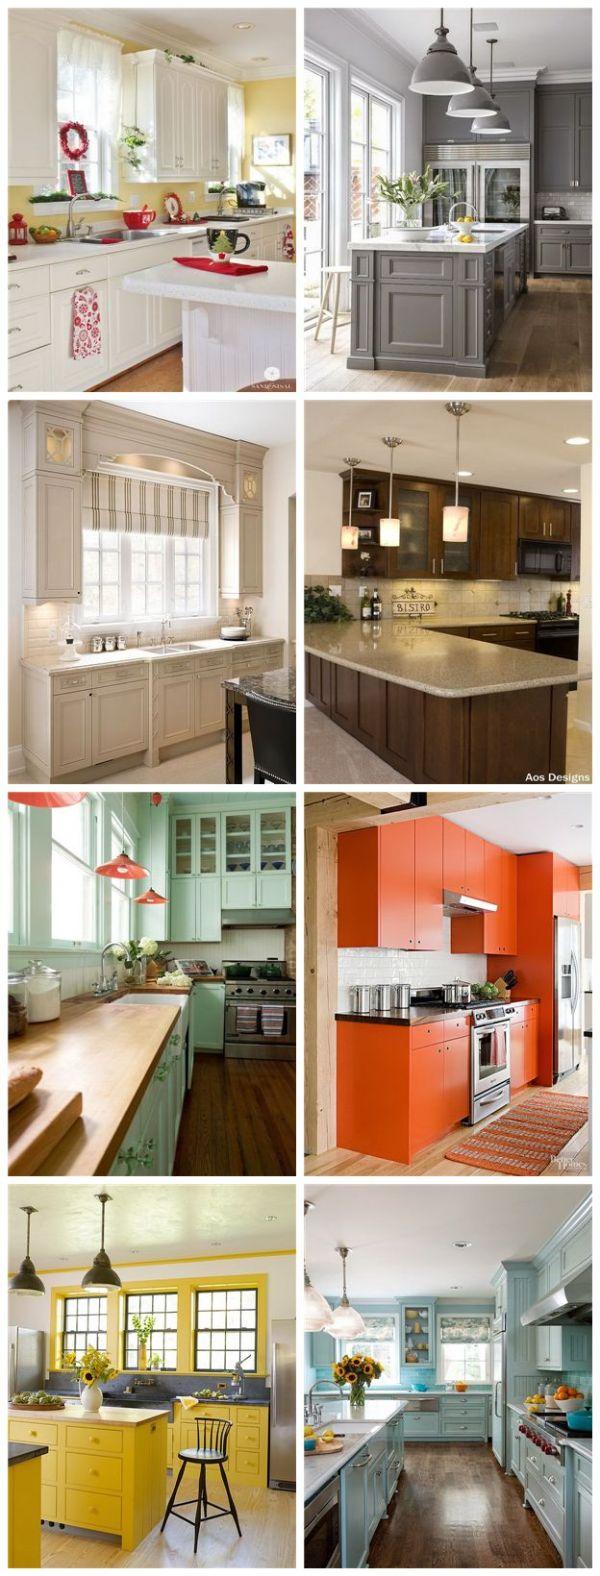 Most Popular Kitchen Cabinet Paint Color Ideas.